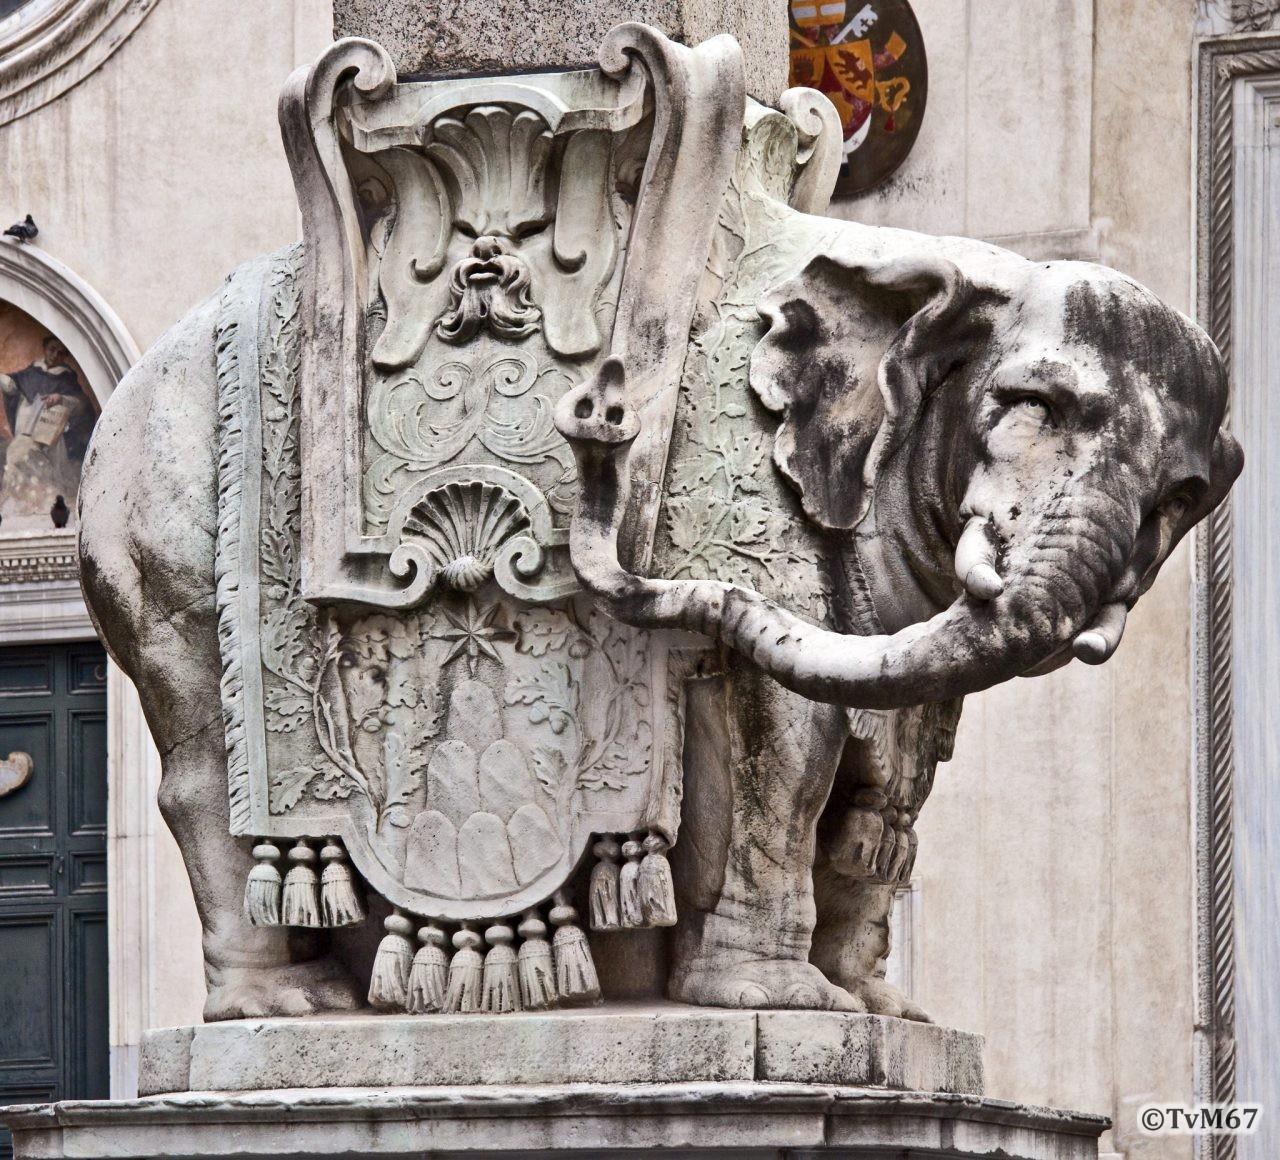 Roma, Piazza della Minerva, Bernini, Olifant, detail, 2011